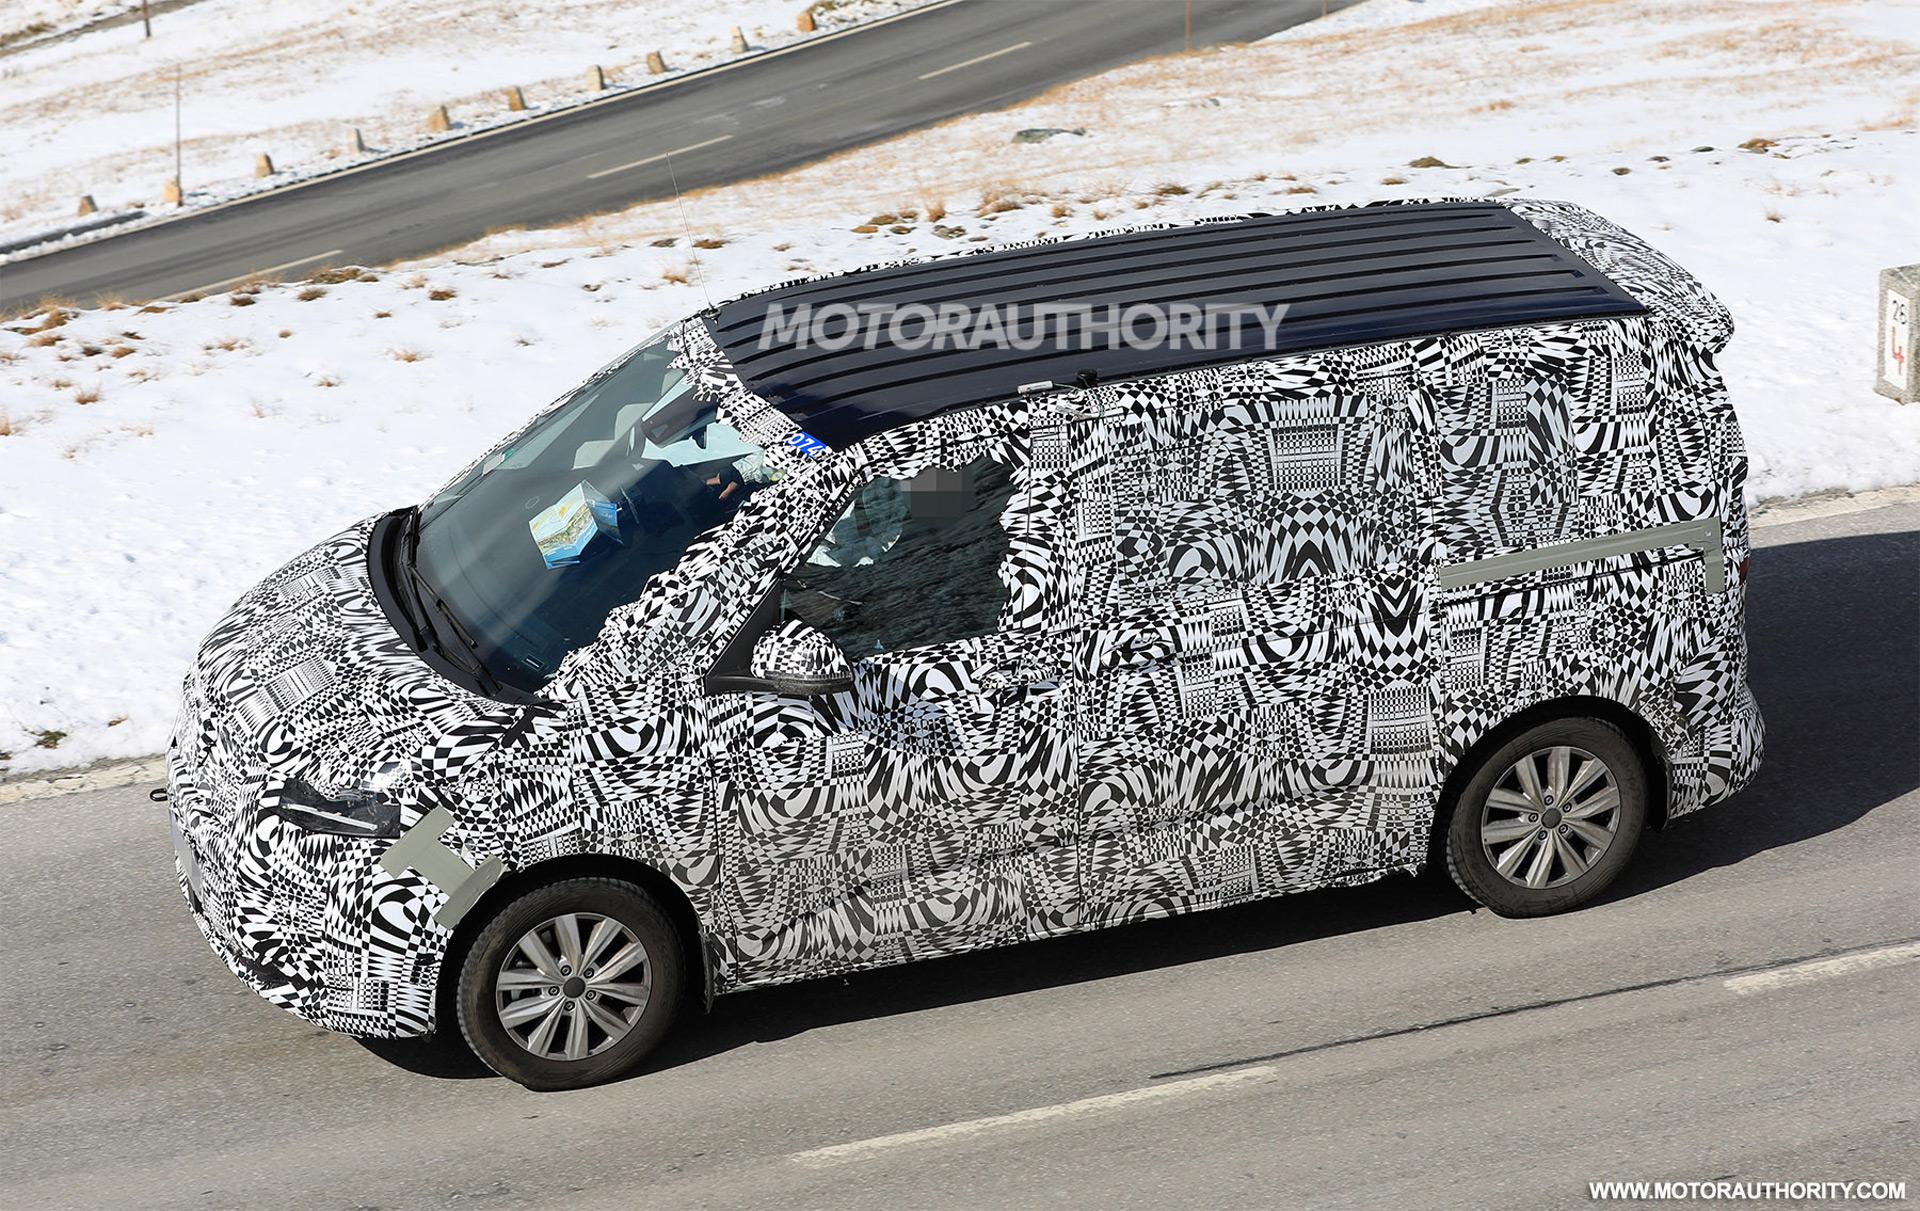 2021 - [Volkswagen] Transporter [T7] 2021-volkswagen-transporter-t7-spy-shots--photo-credit-s-baldauf-sb-medien_100725290_h